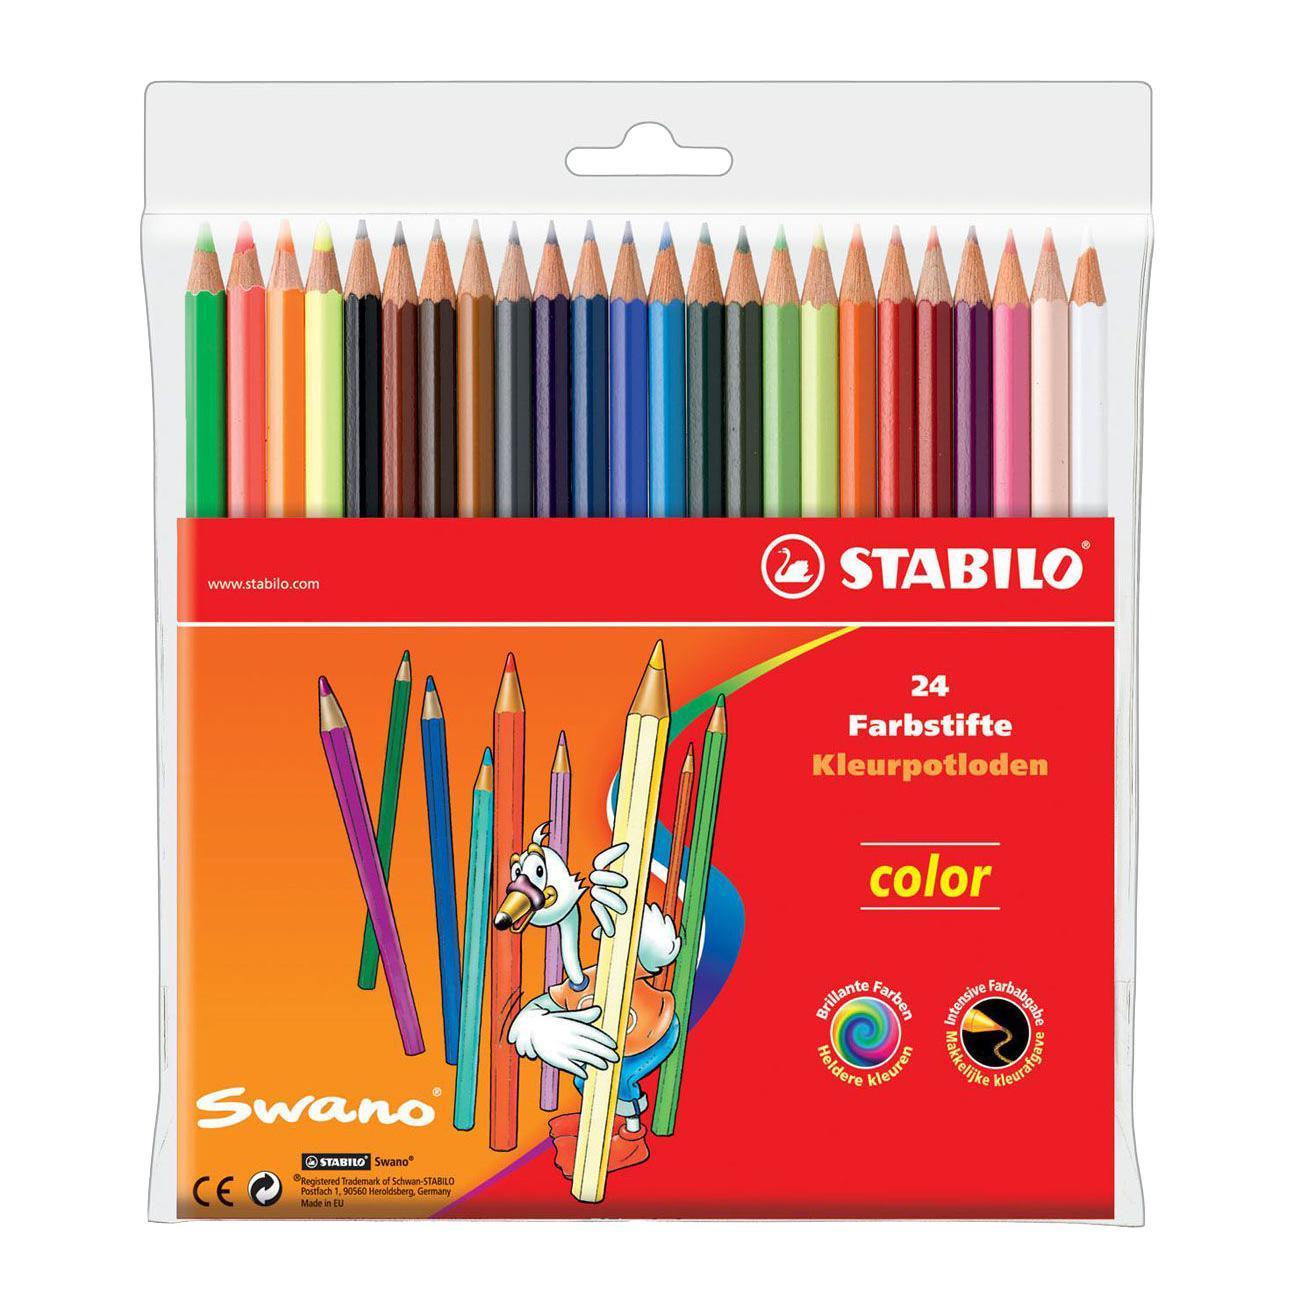 Карандаши цветные Stabilo Color, 24 цвета1224-77-01Цветные карандаши STABILO color шестигранной формы. Широкая гамма цветов, которые отлично смешиваются и позволяют создавать огромное количество оттенков. Насыщенные цвета имеют высокую светостойкость. Мягкий грифель легко рисует на бумаге, не царапая ее и не крошась. Карандаши не ломаются при рисовании и затачивании. В наборе 20 базовых цветов и 4 флуоресцентных цвета. Характеристики:Материал:дерево. Диаметр карандаша:0,7 см. Диаметр грифеля:2,5 мм. Длина карандаша:17,5 см. Размер упаковки:18 см х 17,5 см х 1 см. Изготовитель:Германия.